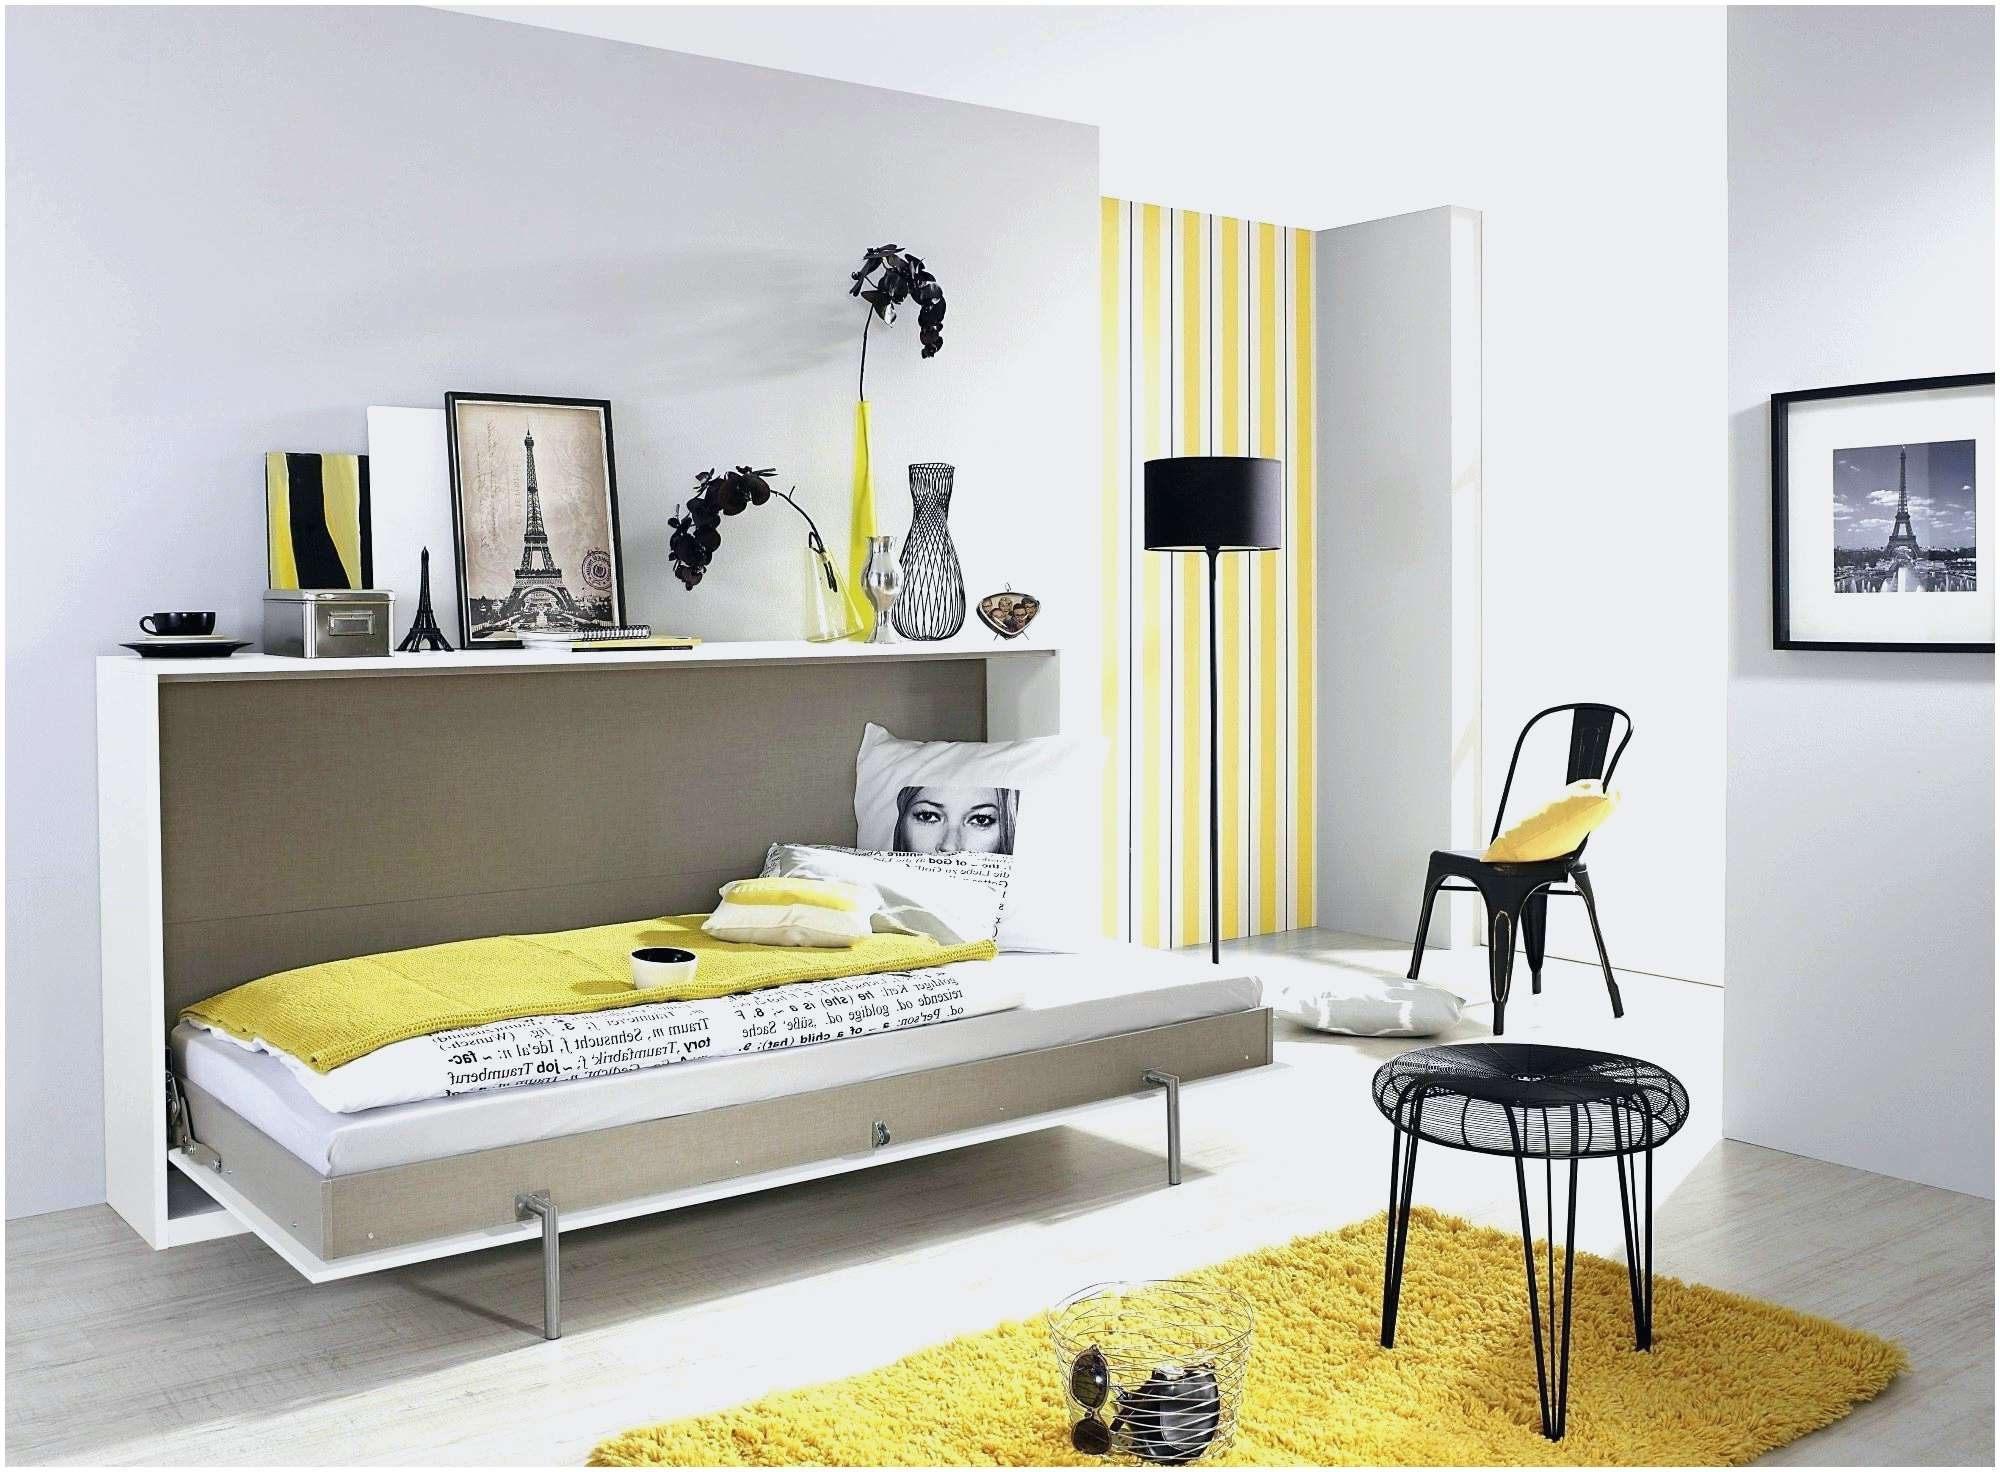 Lit Mezzanine Bas Luxe Frais 20 élégant Supperpose Adana Estepona Pour Sélection Lit